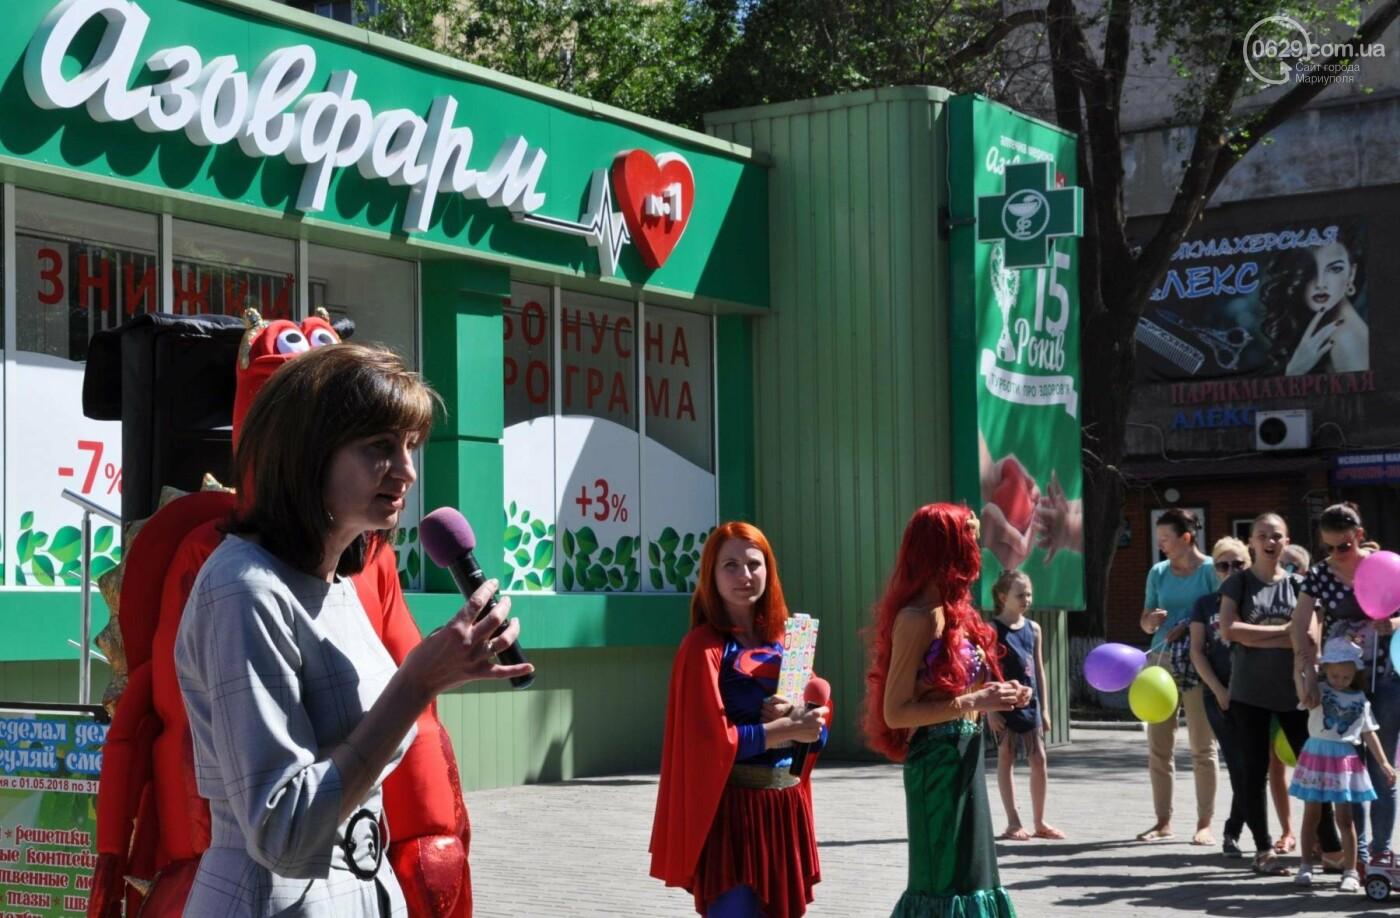 В аптеке «Азовфарм» провели праздник для детей и разыграли призы, фото-5